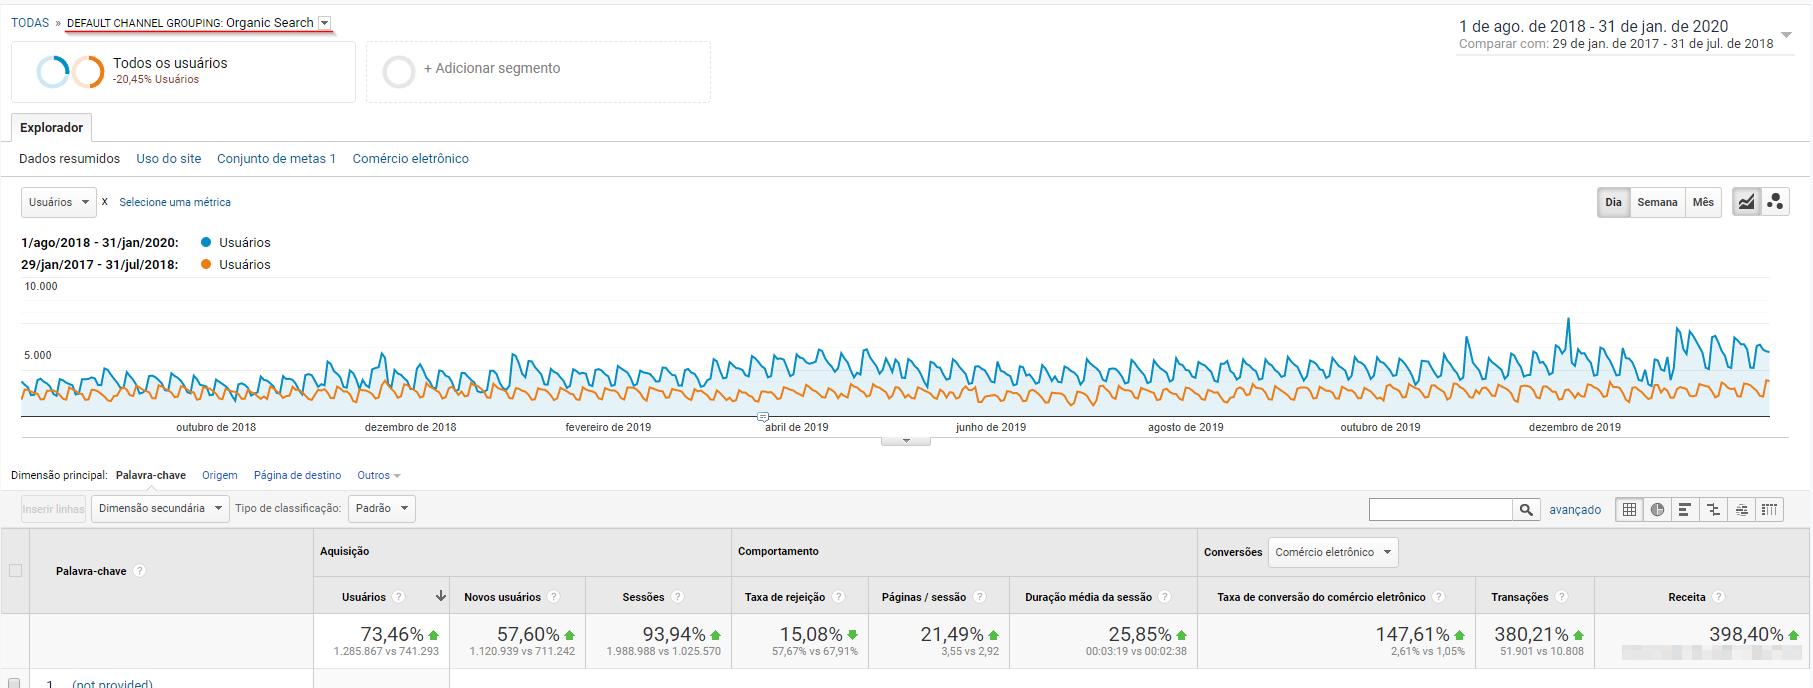 Gráfico que mostra o crescimento exponencial da busca orgânica da Livrarias Família Cristã, após contratarem a plataforma de e-commerce Bis2Bis